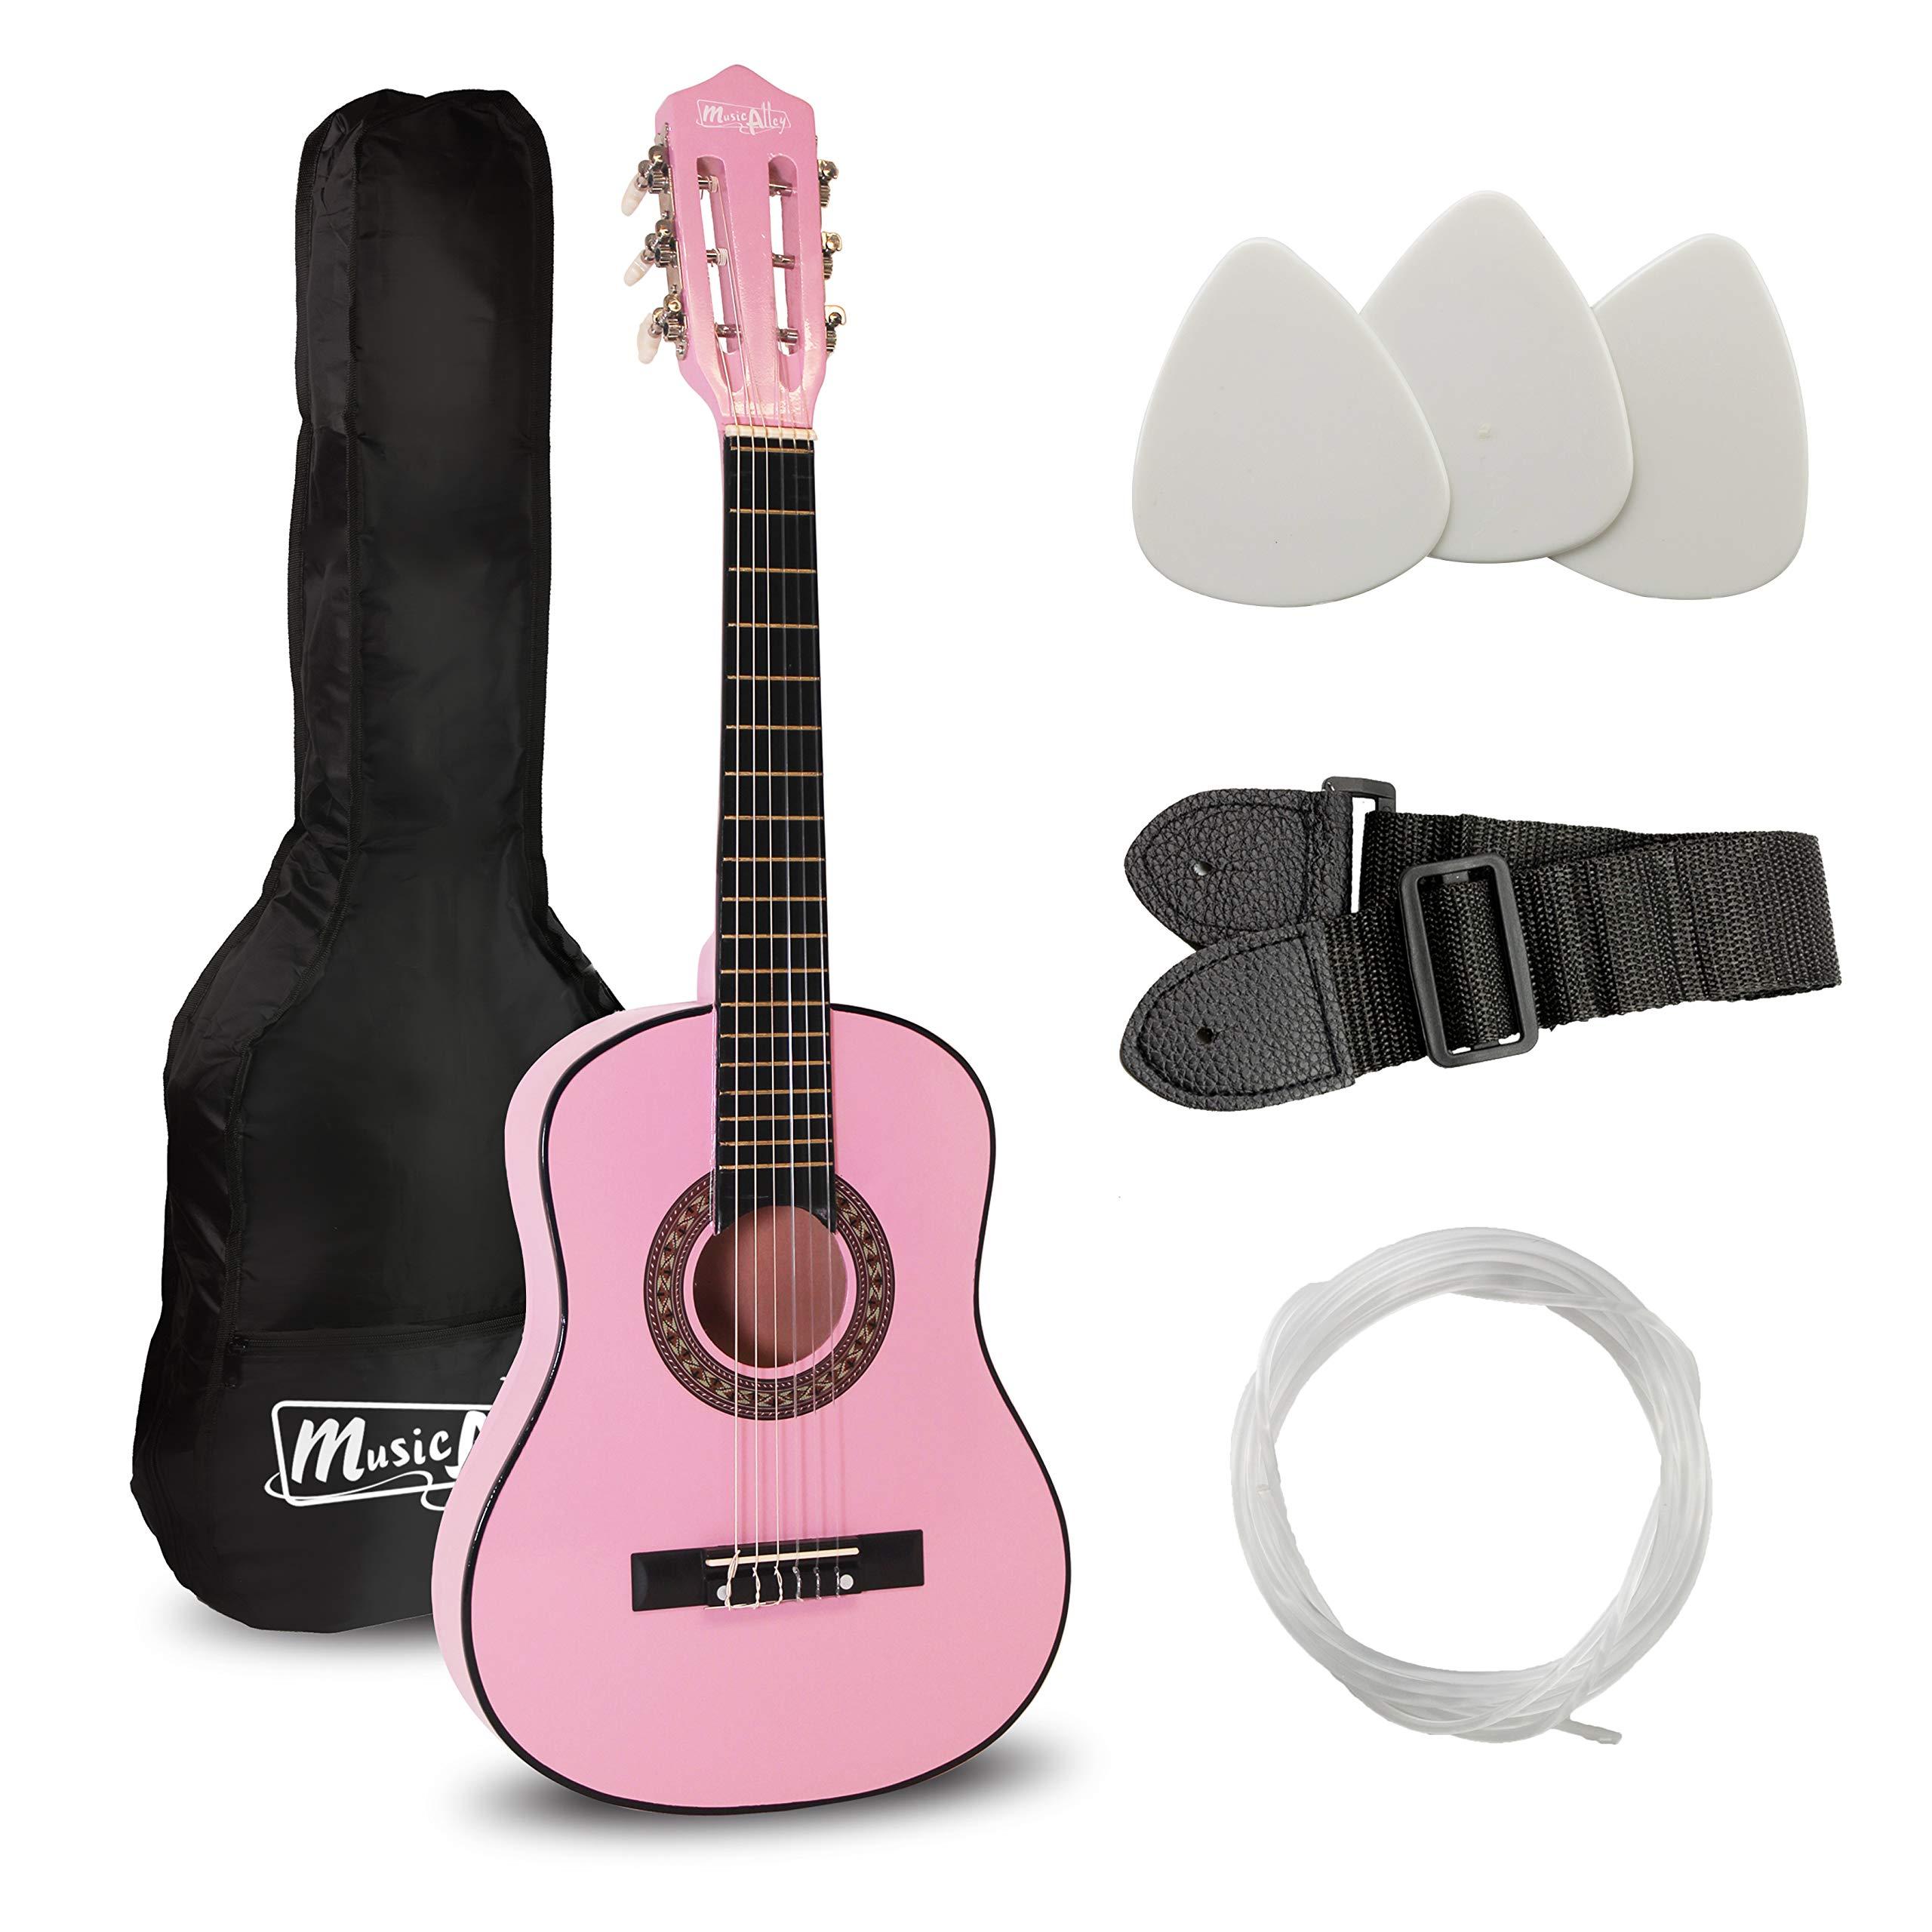 Music Alley Guitarra acústica clásica de niños secundaria, color Rosa: Amazon.es: Instrumentos musicales